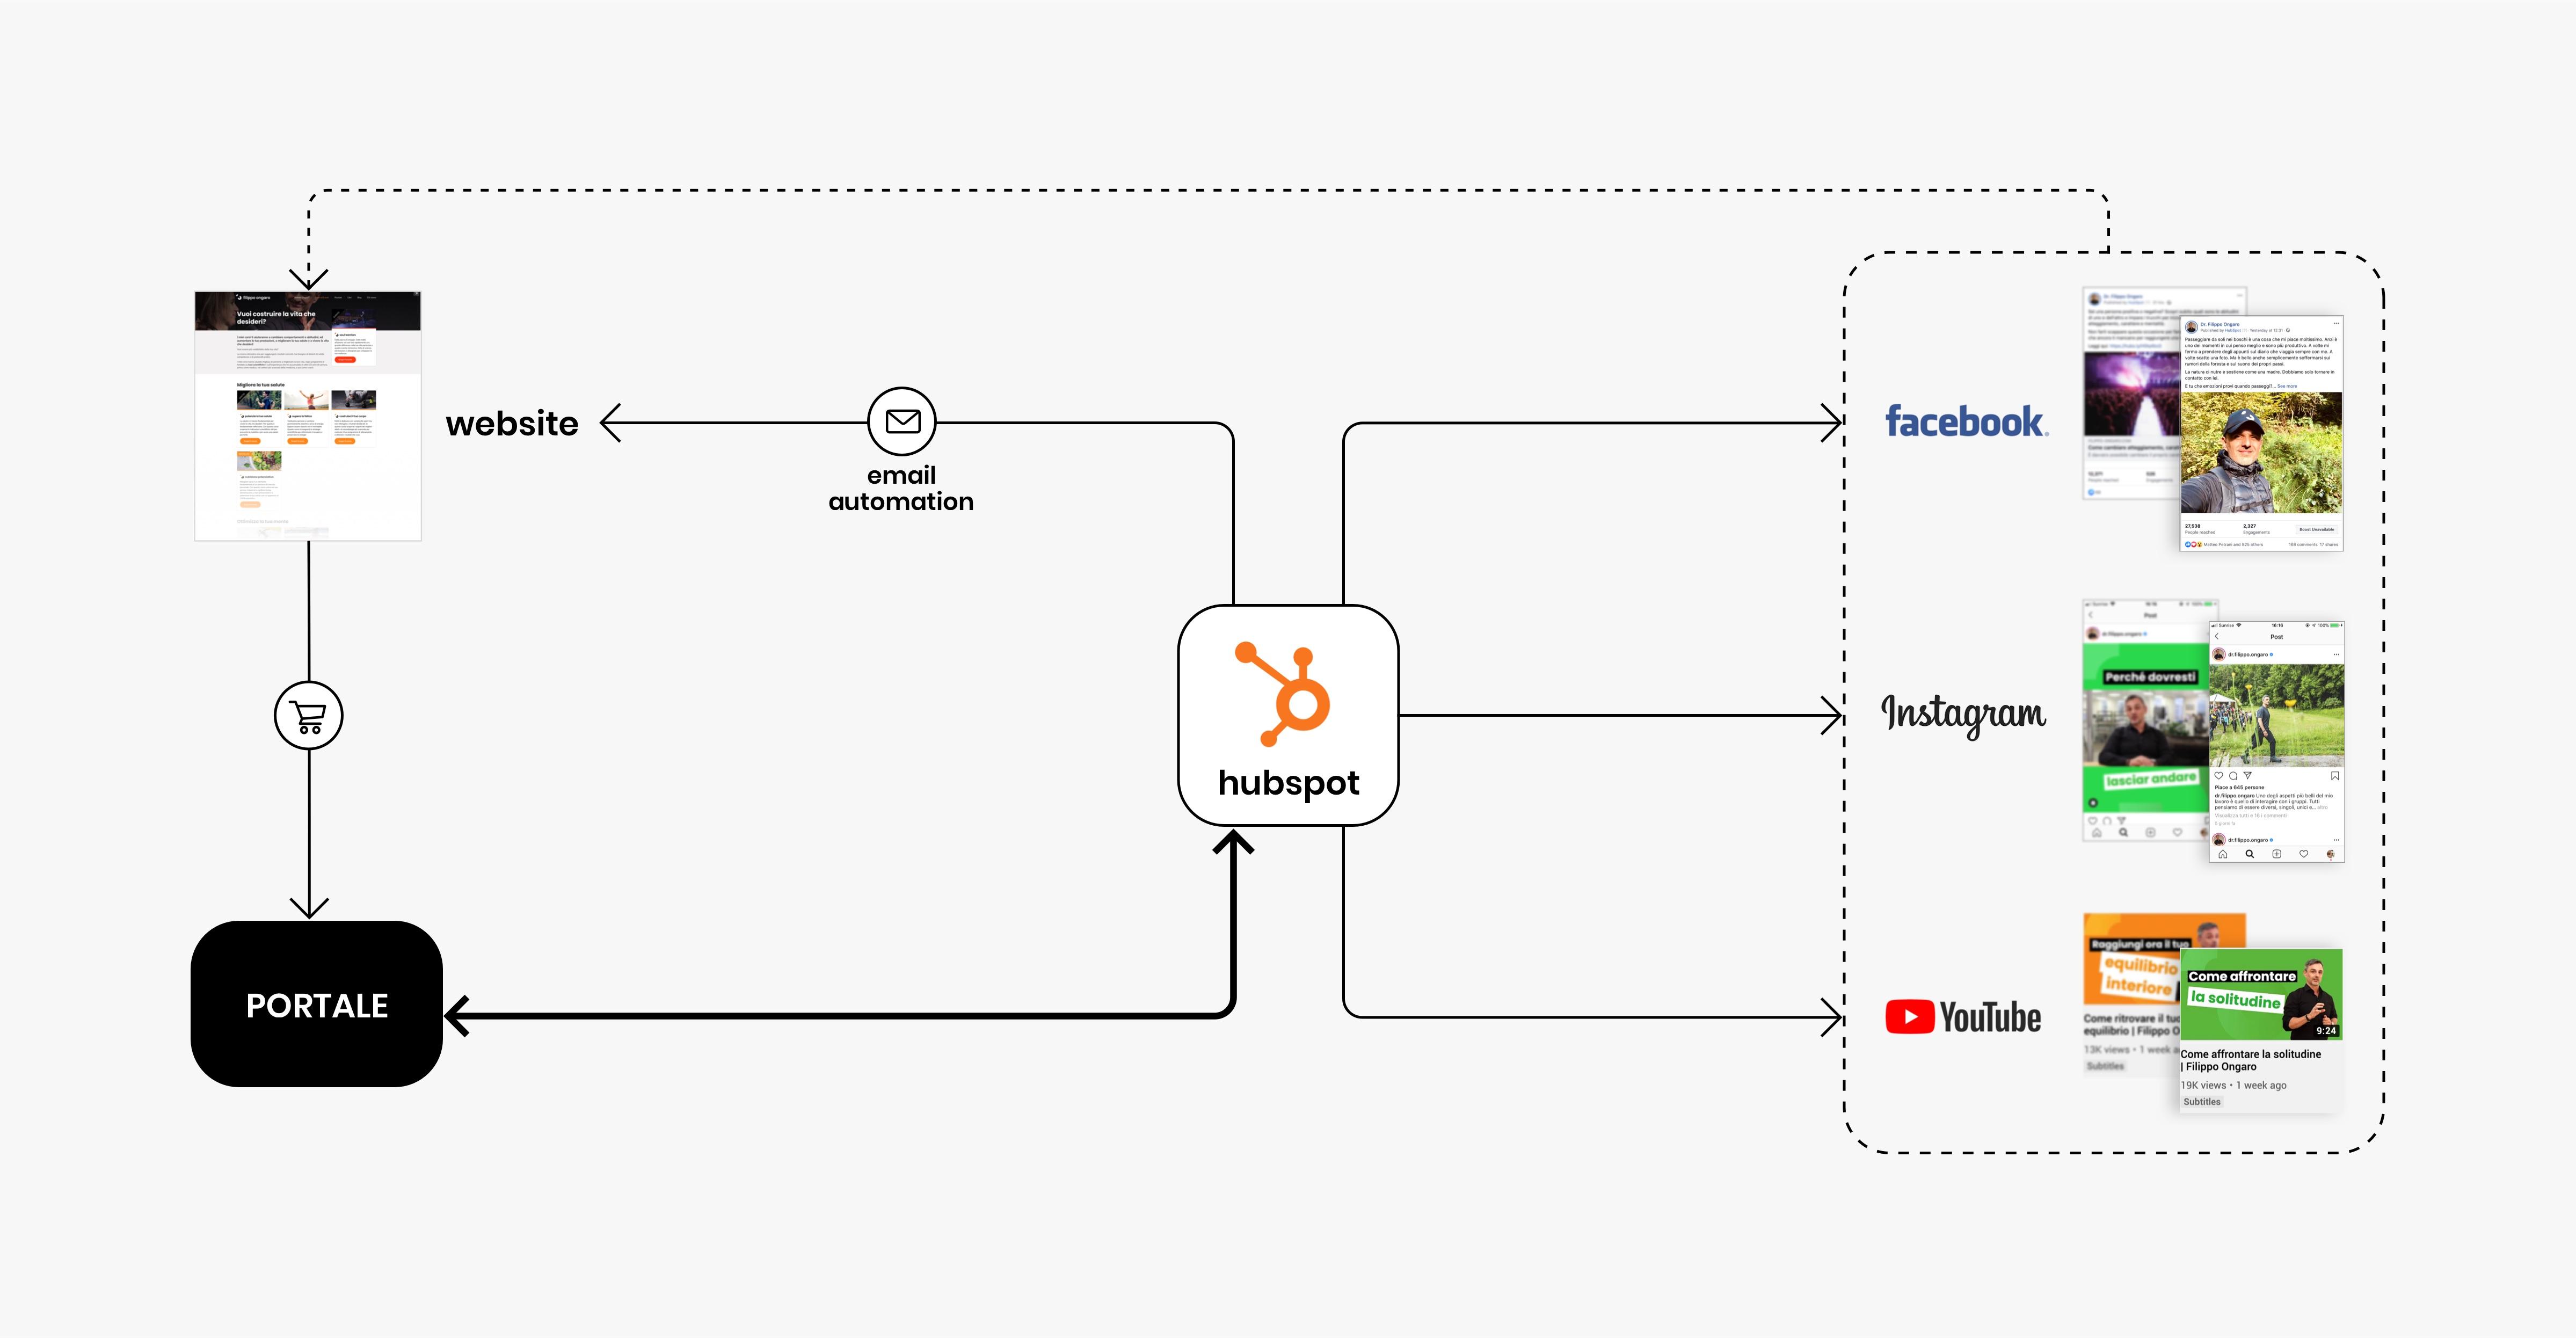 Schema che mostra l'integrazione tra HubSpot, Website e social.